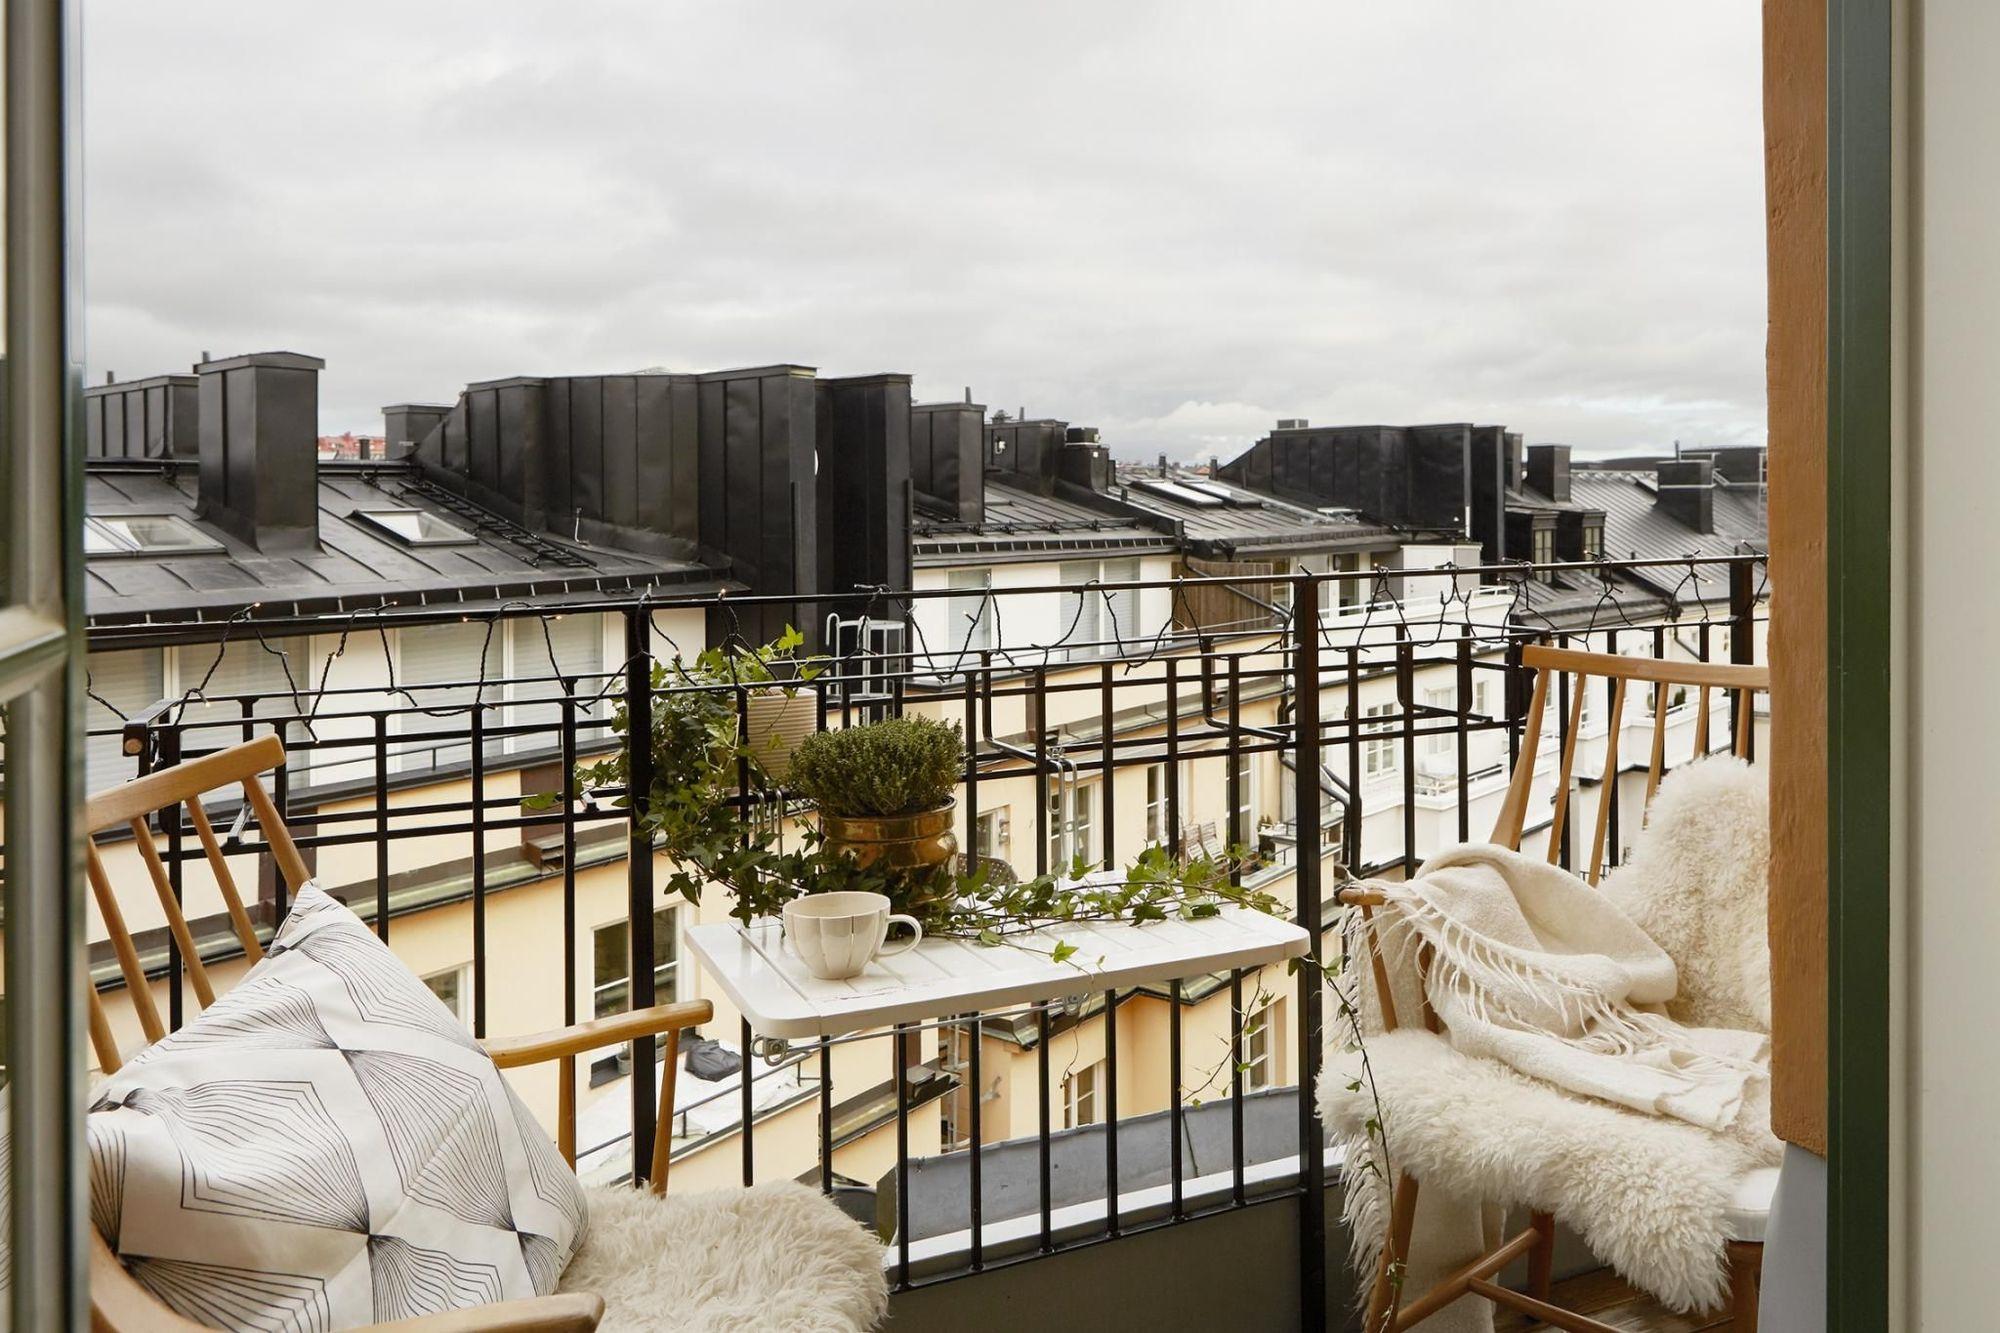 chaises-en-rotin-avec-plaids-en-fourrure-et-coussin-table-suspendue-au-balcon_5891141.jpg